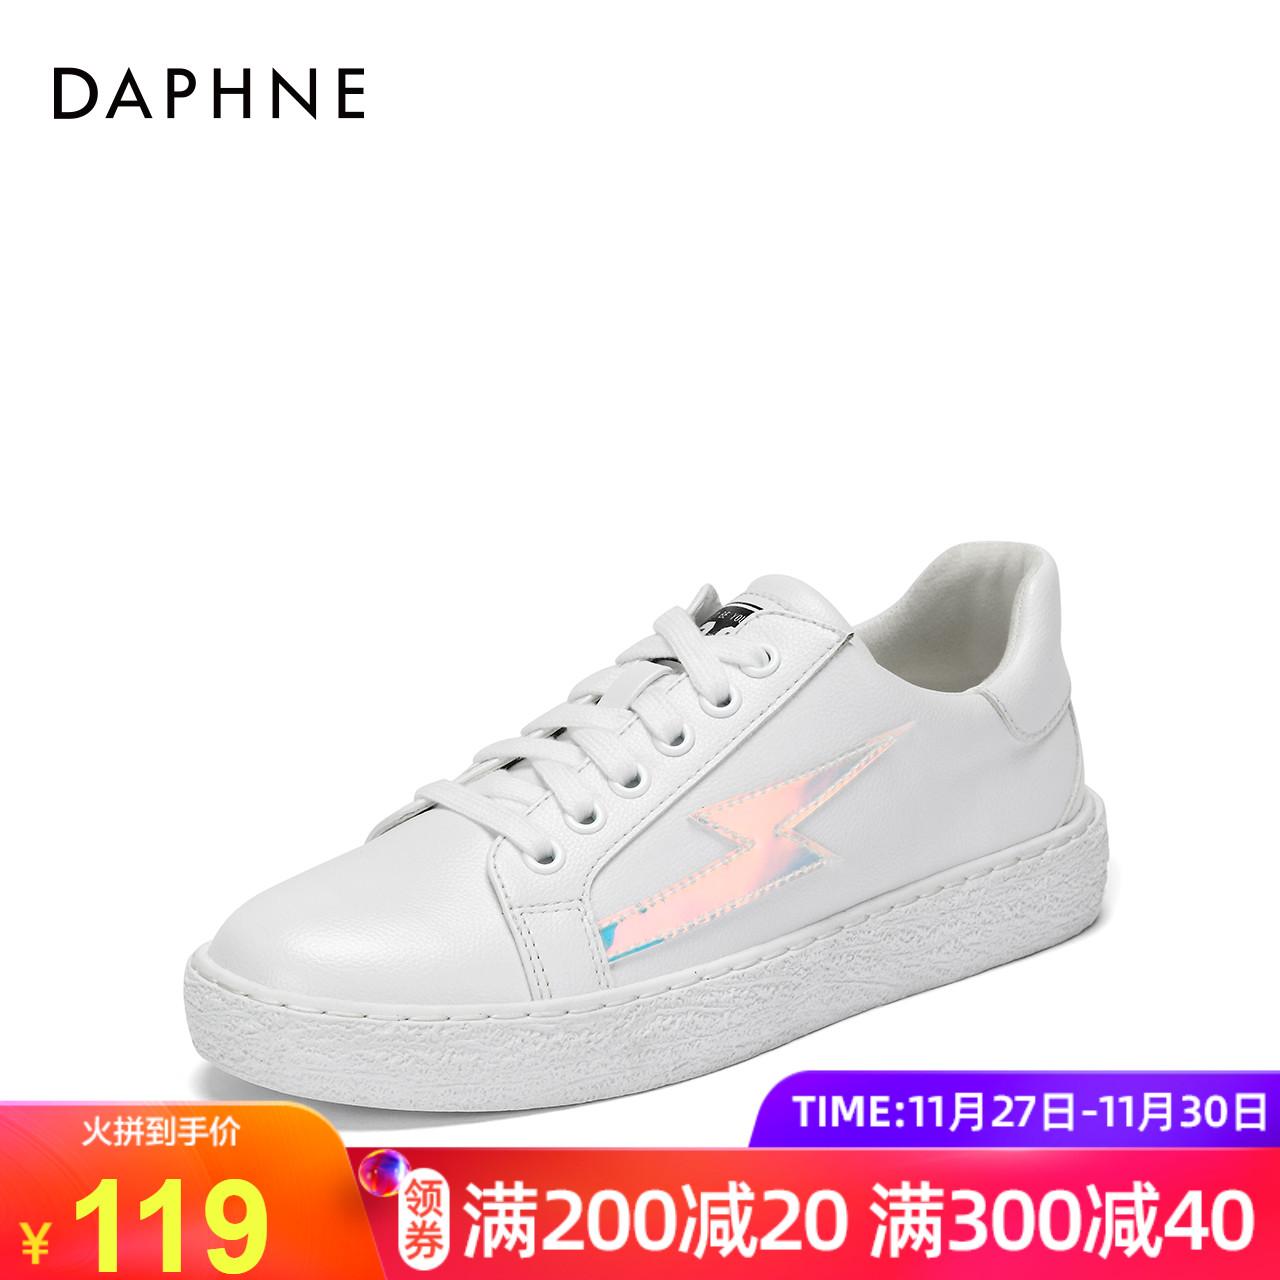 Daphne/达芙妮秋新款时尚简约小白鞋板鞋拼色日常休闲单鞋女